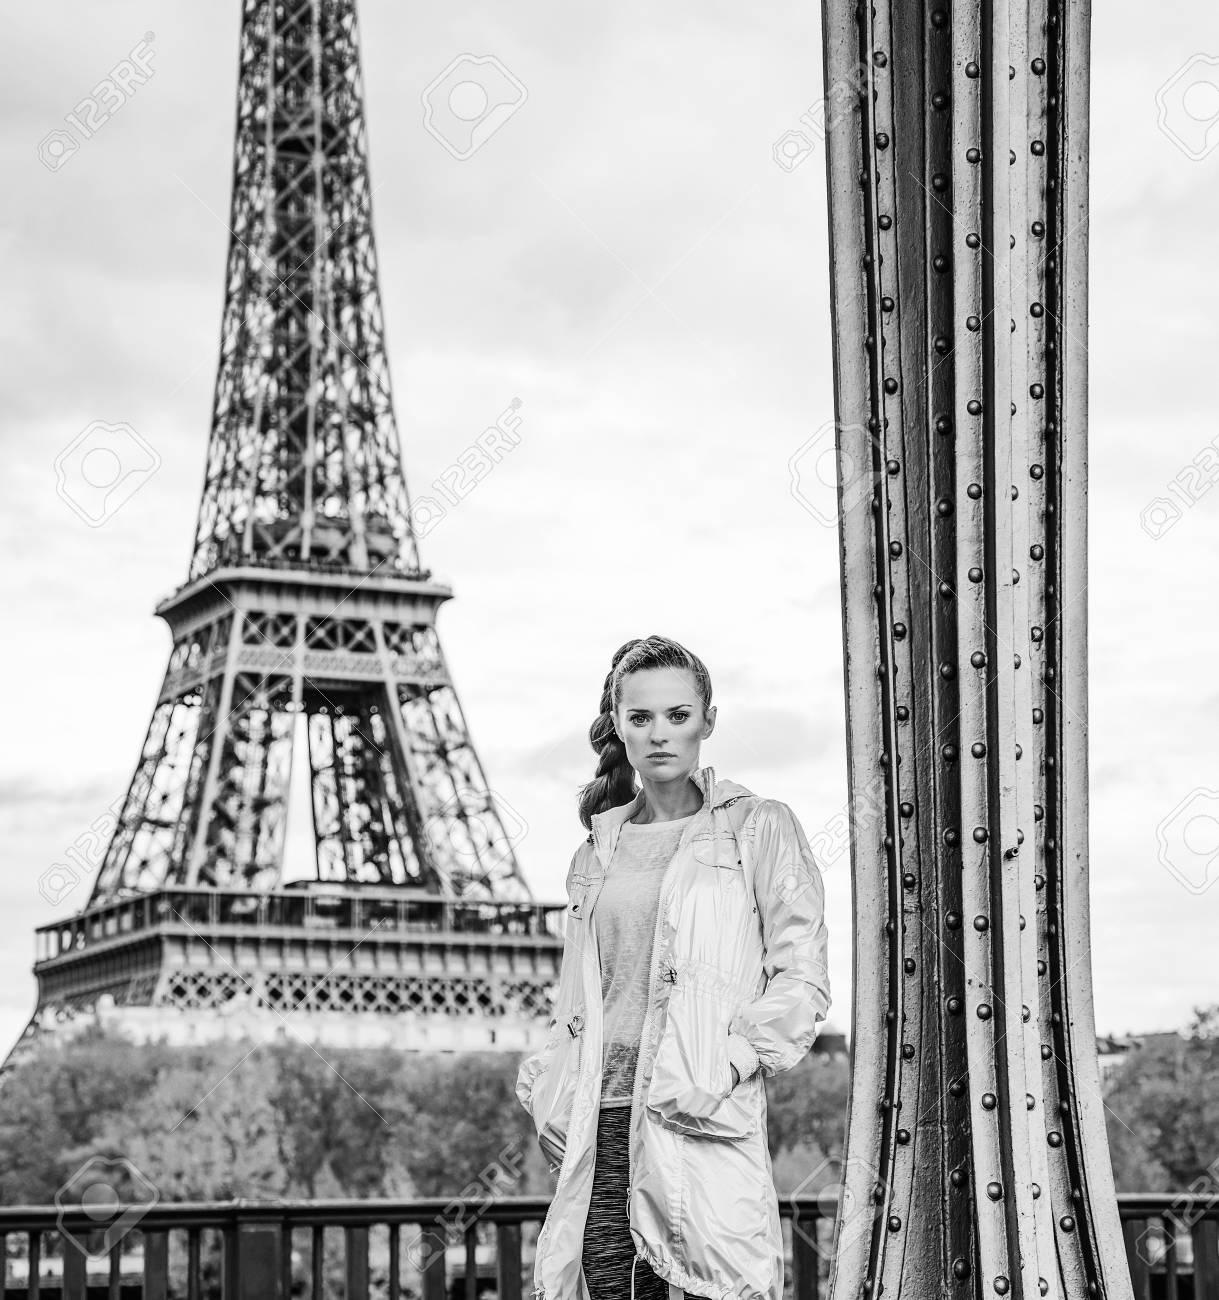 Ganzjährig Fit Hip In Paris In Voller Länge Portrait Der Jungen